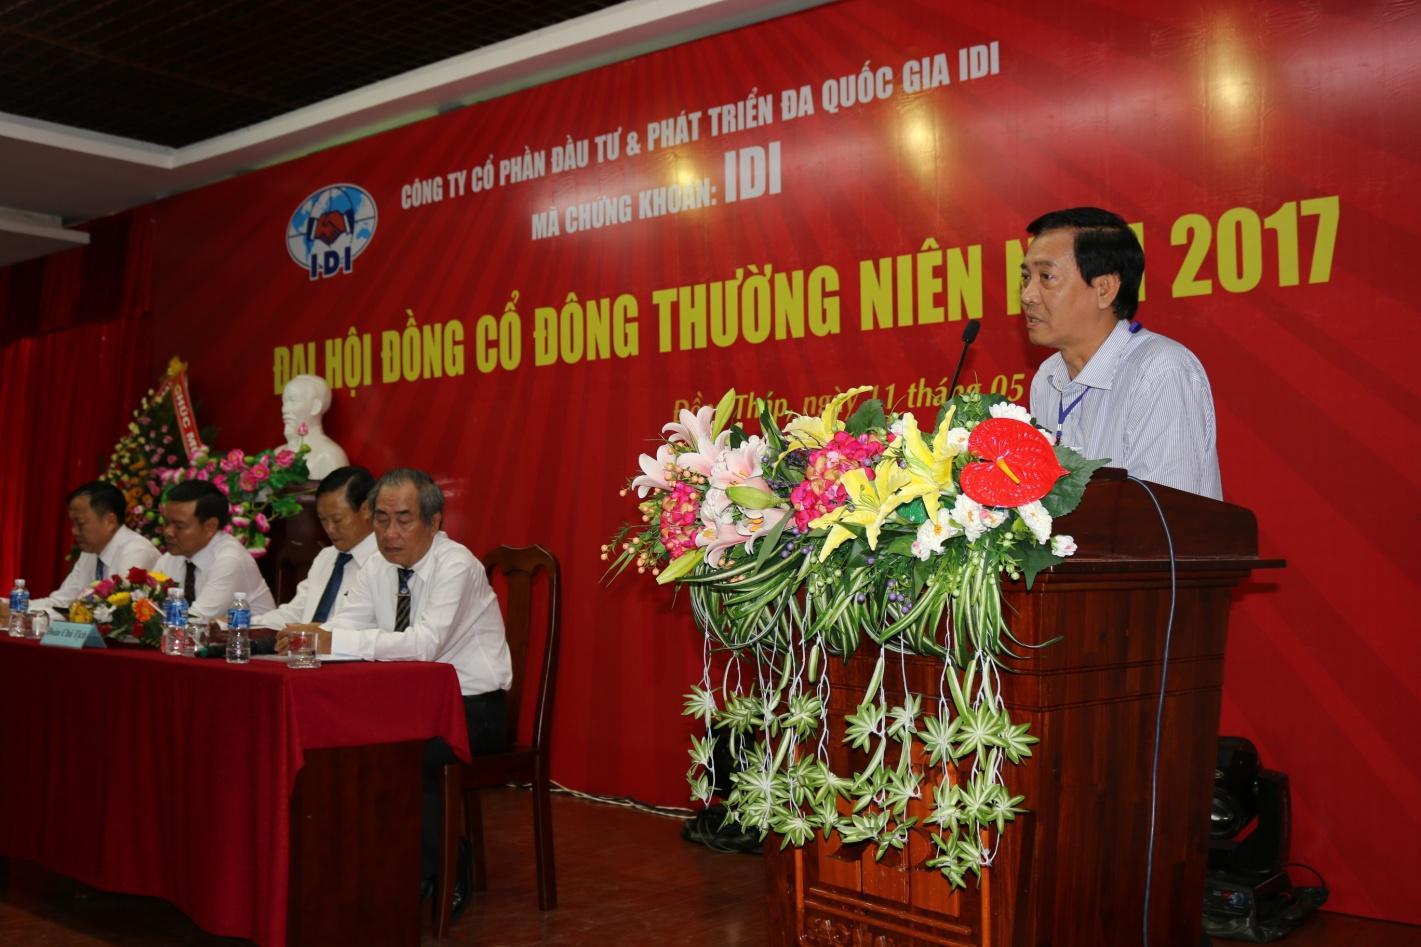 4. Ông Nguyễn Tấn Sơn- Tổng giám đốc Công ty Cổ phần du lịch An Giang gửi lời chúc mừng đến Đại hội.JPG